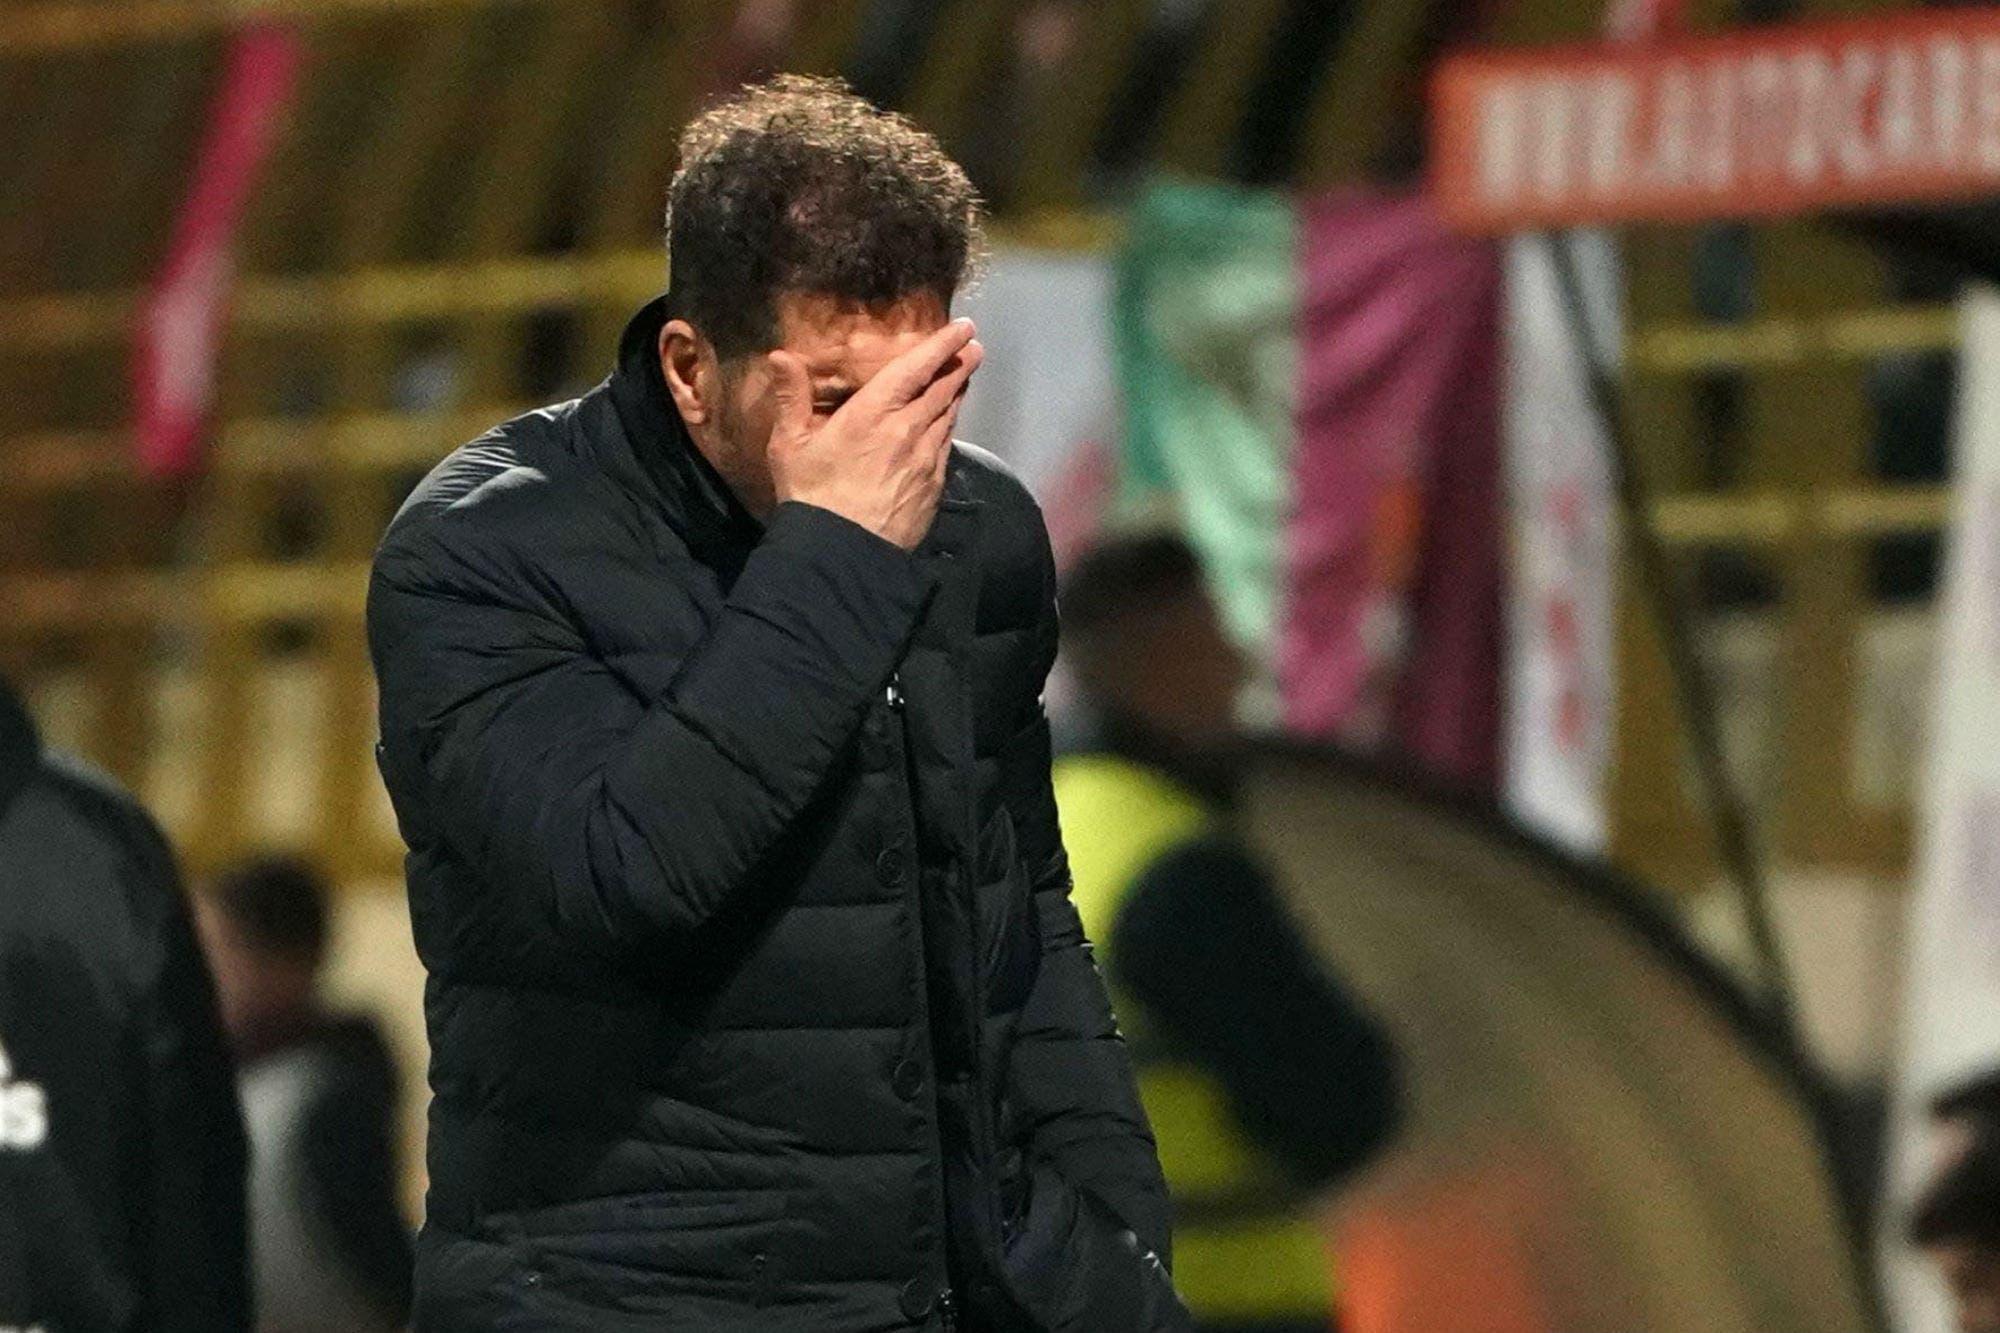 La debacle: el Atlético de Madrid de Simeone, eliminado de la Copa del Rey por un equipo de tercera división